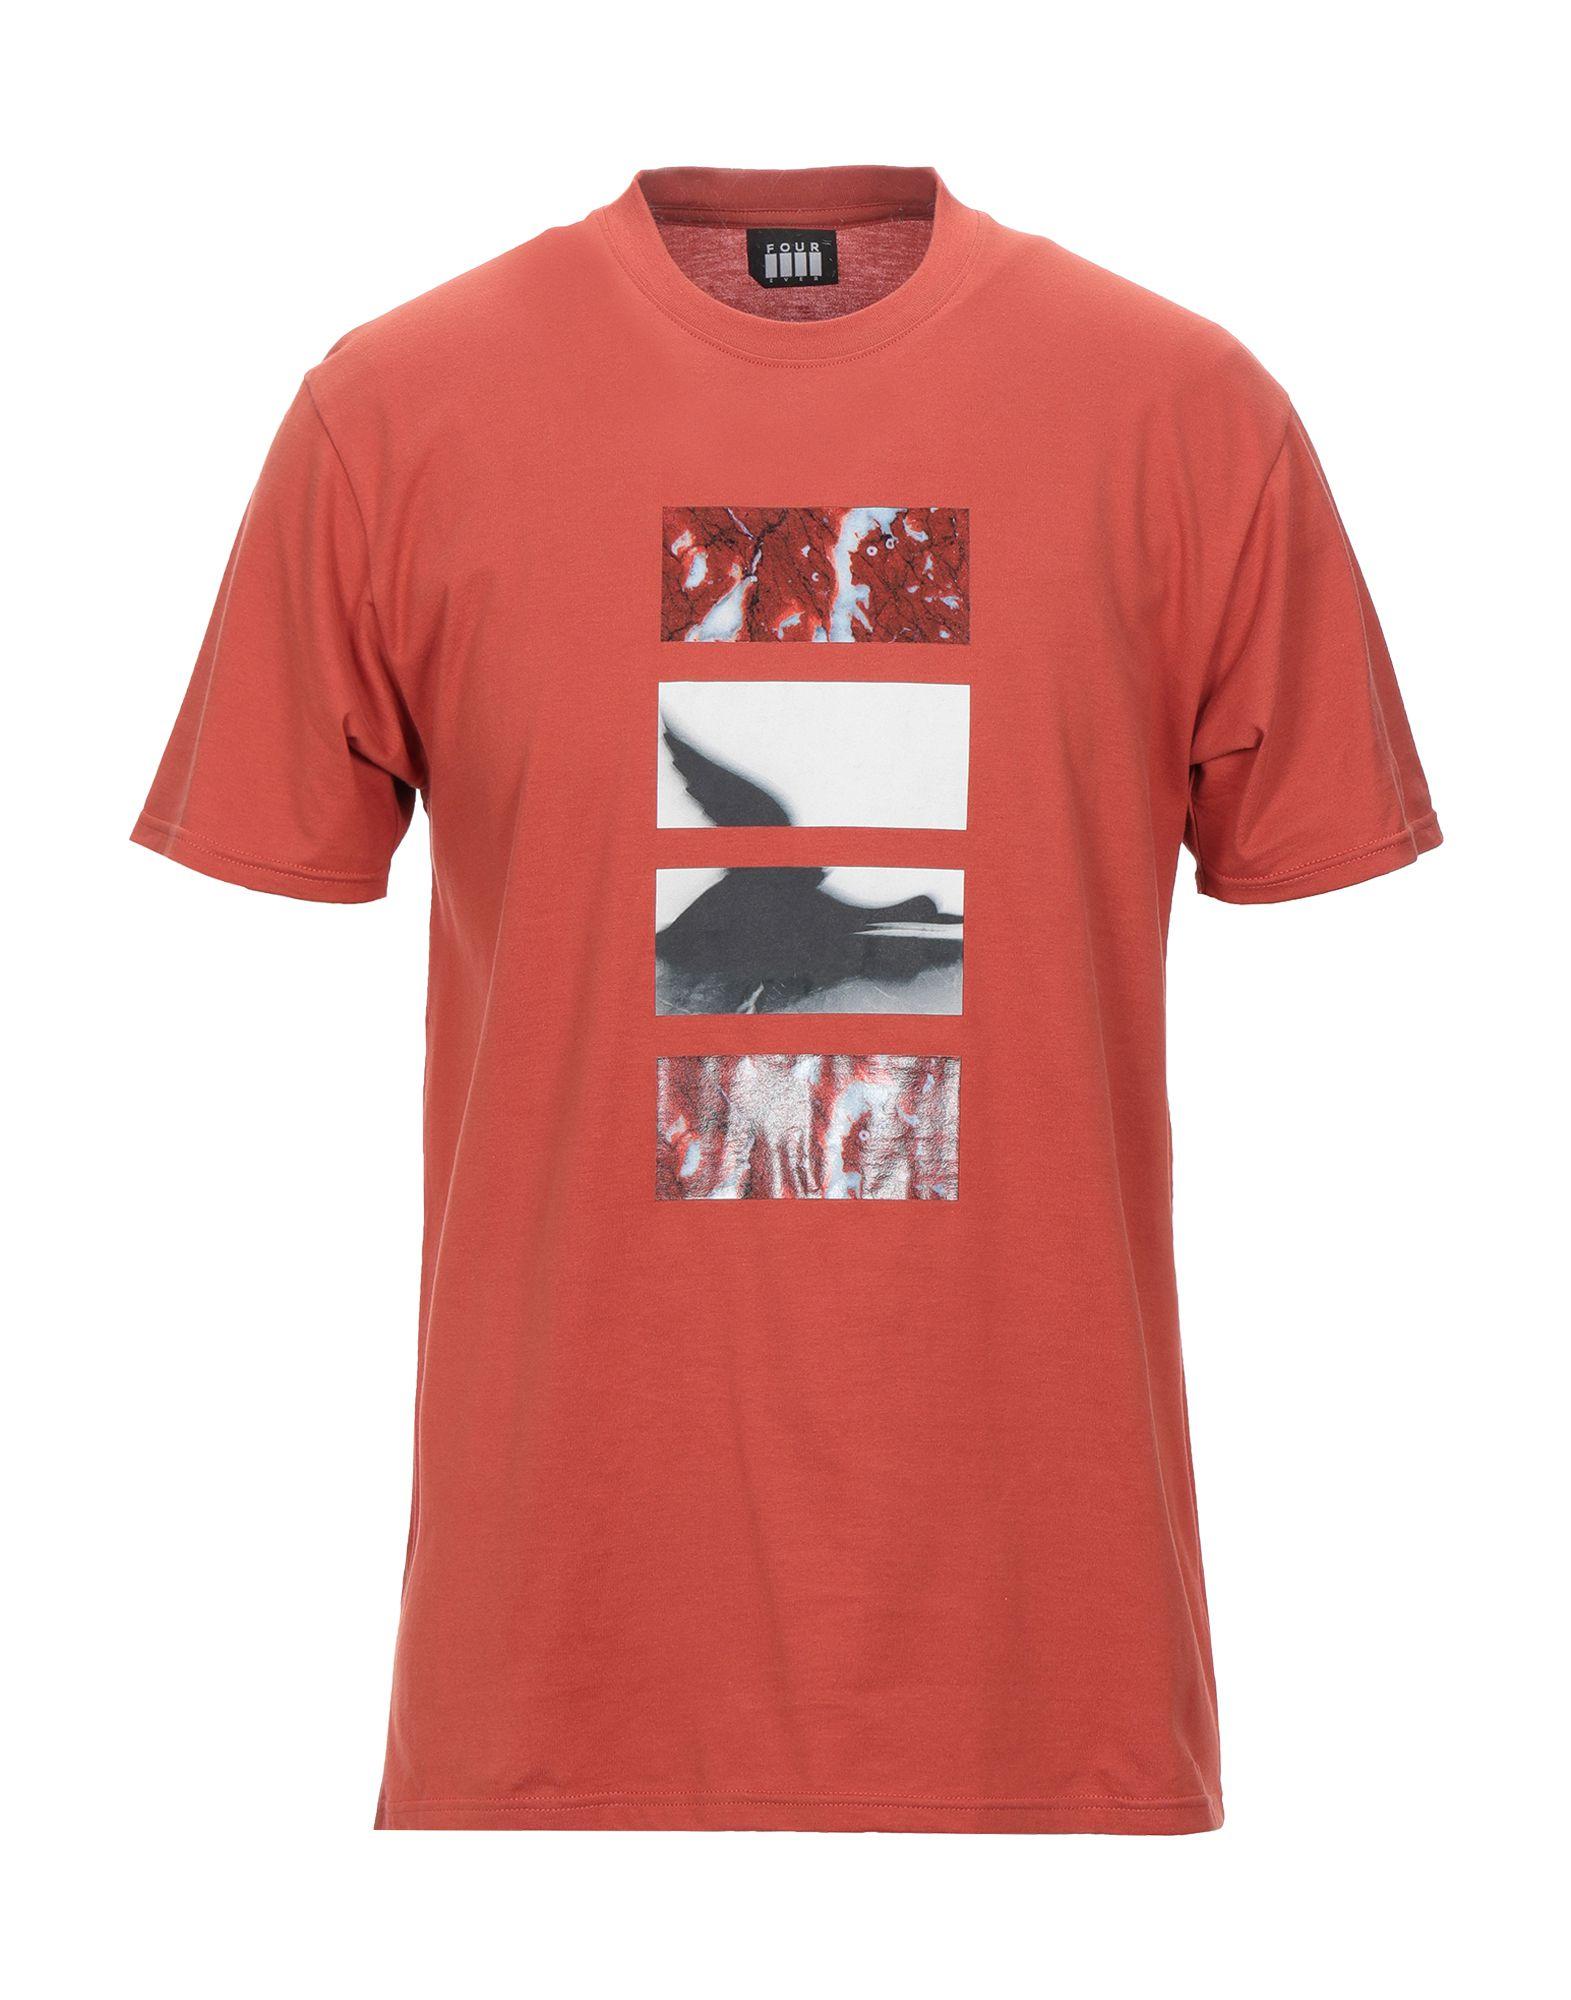 《送料無料》FOUR EVER メンズ T シャツ 赤茶色 S コットン 100%